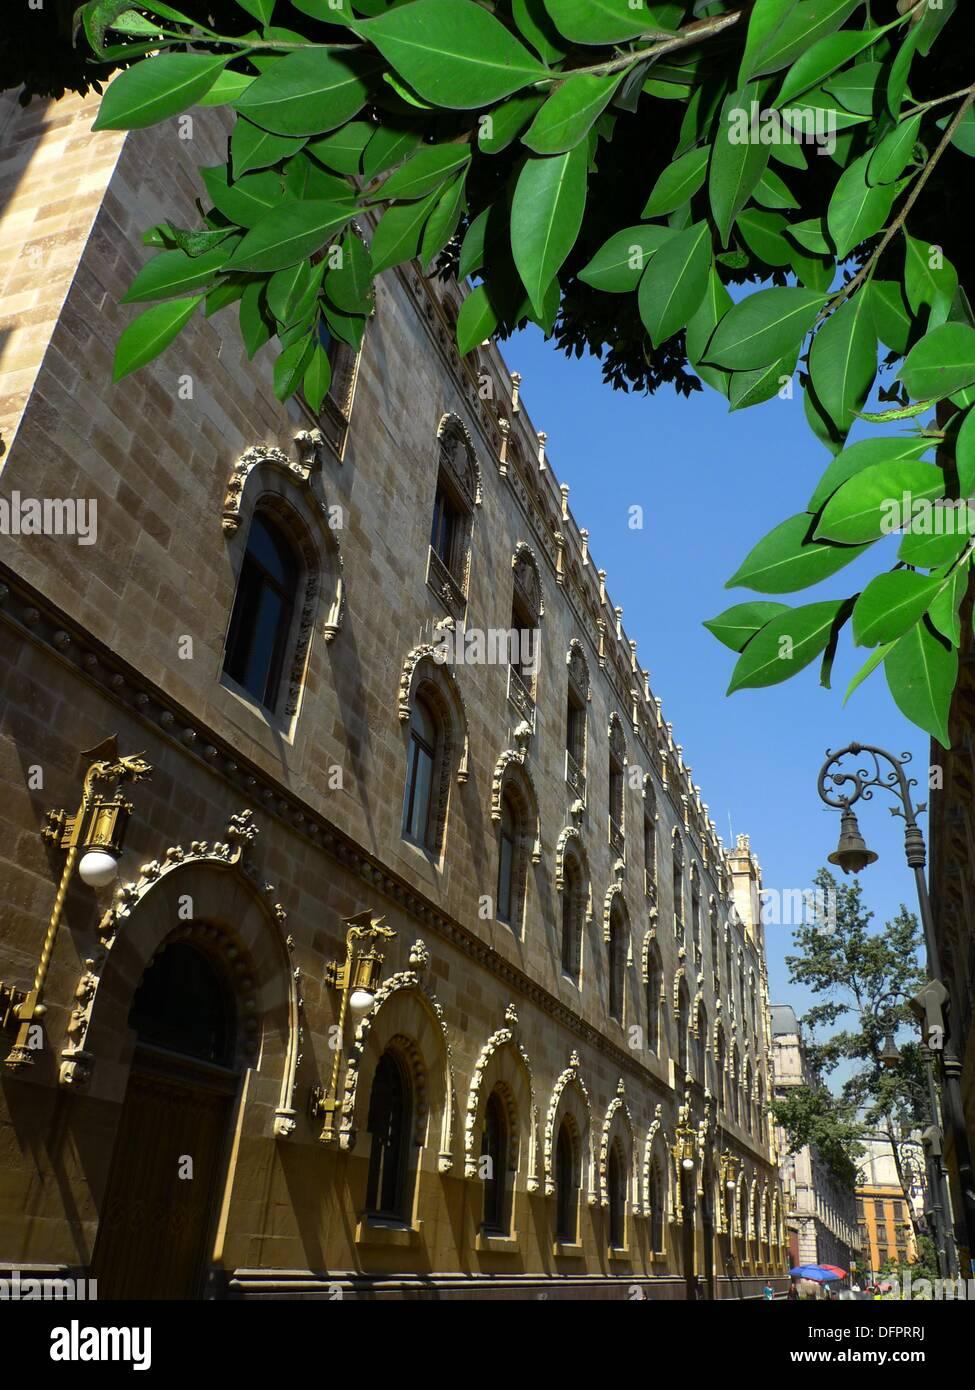 Correo Mayor (Postal palace), Mexico City, Mexico - Stock Image